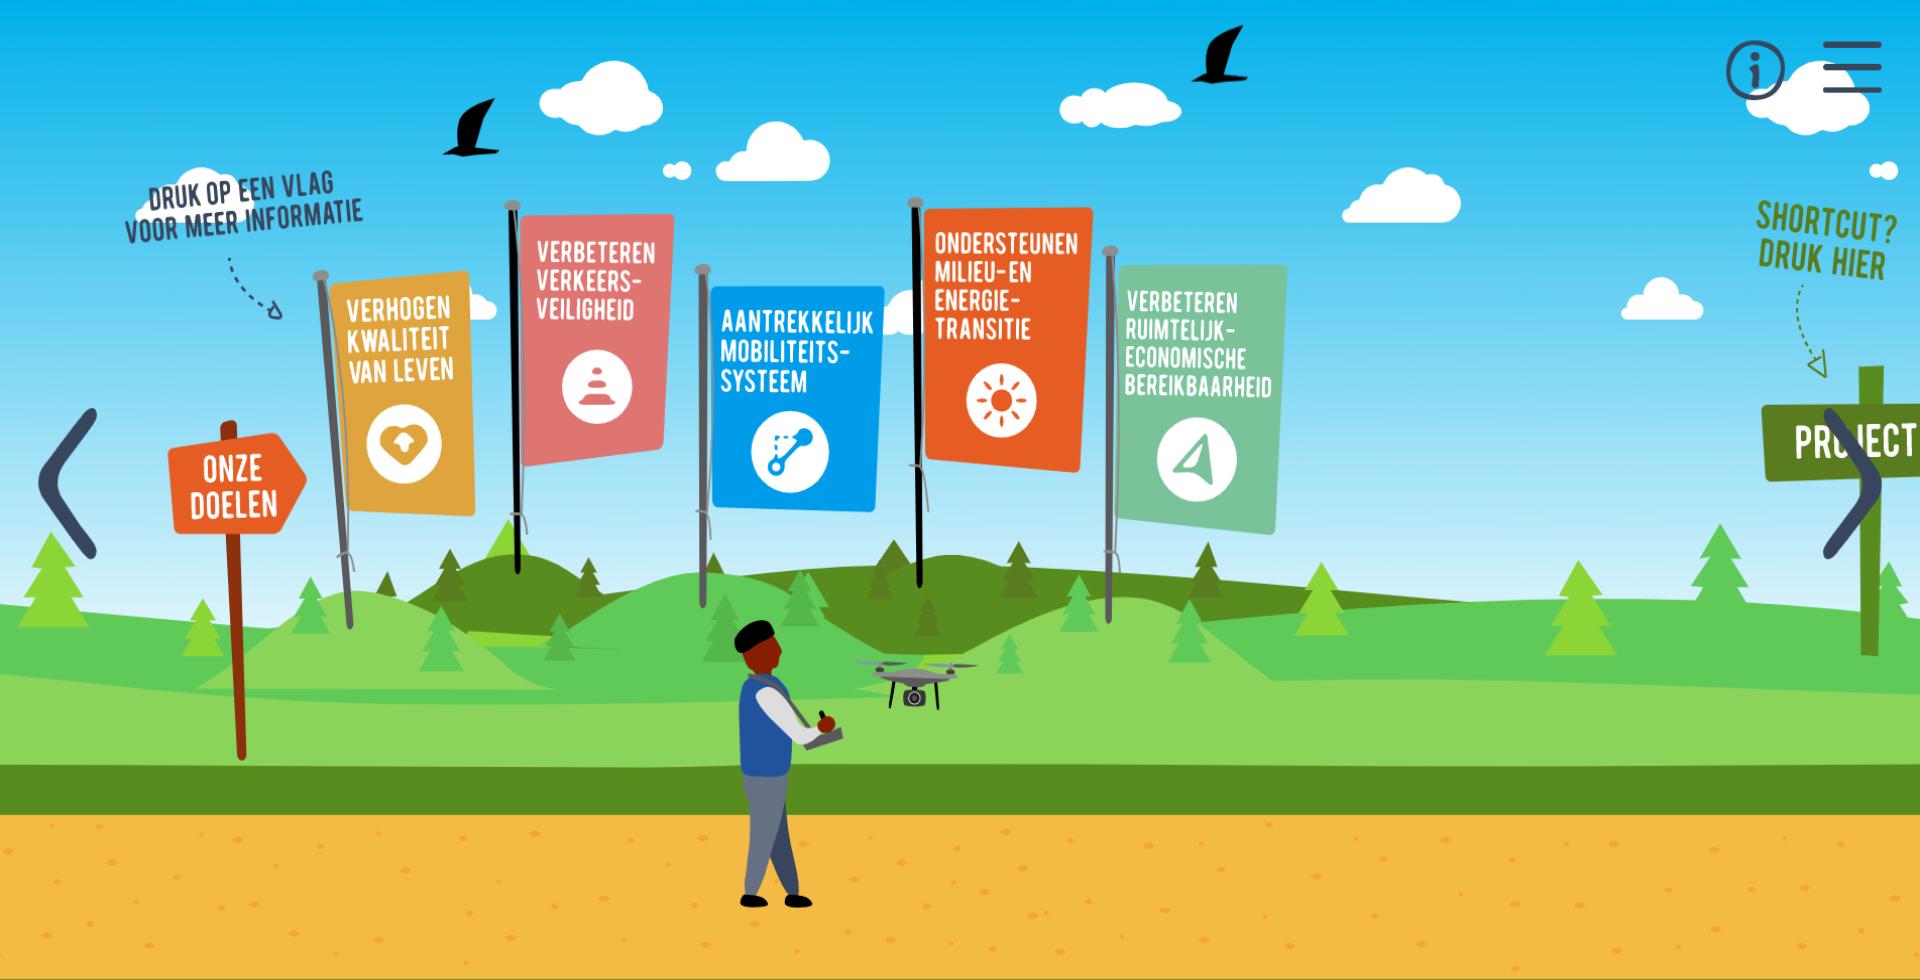 Trendsportal-Mobiliteitsvisie-Infographic-Online-Spiegel-crossmedia-communicatie